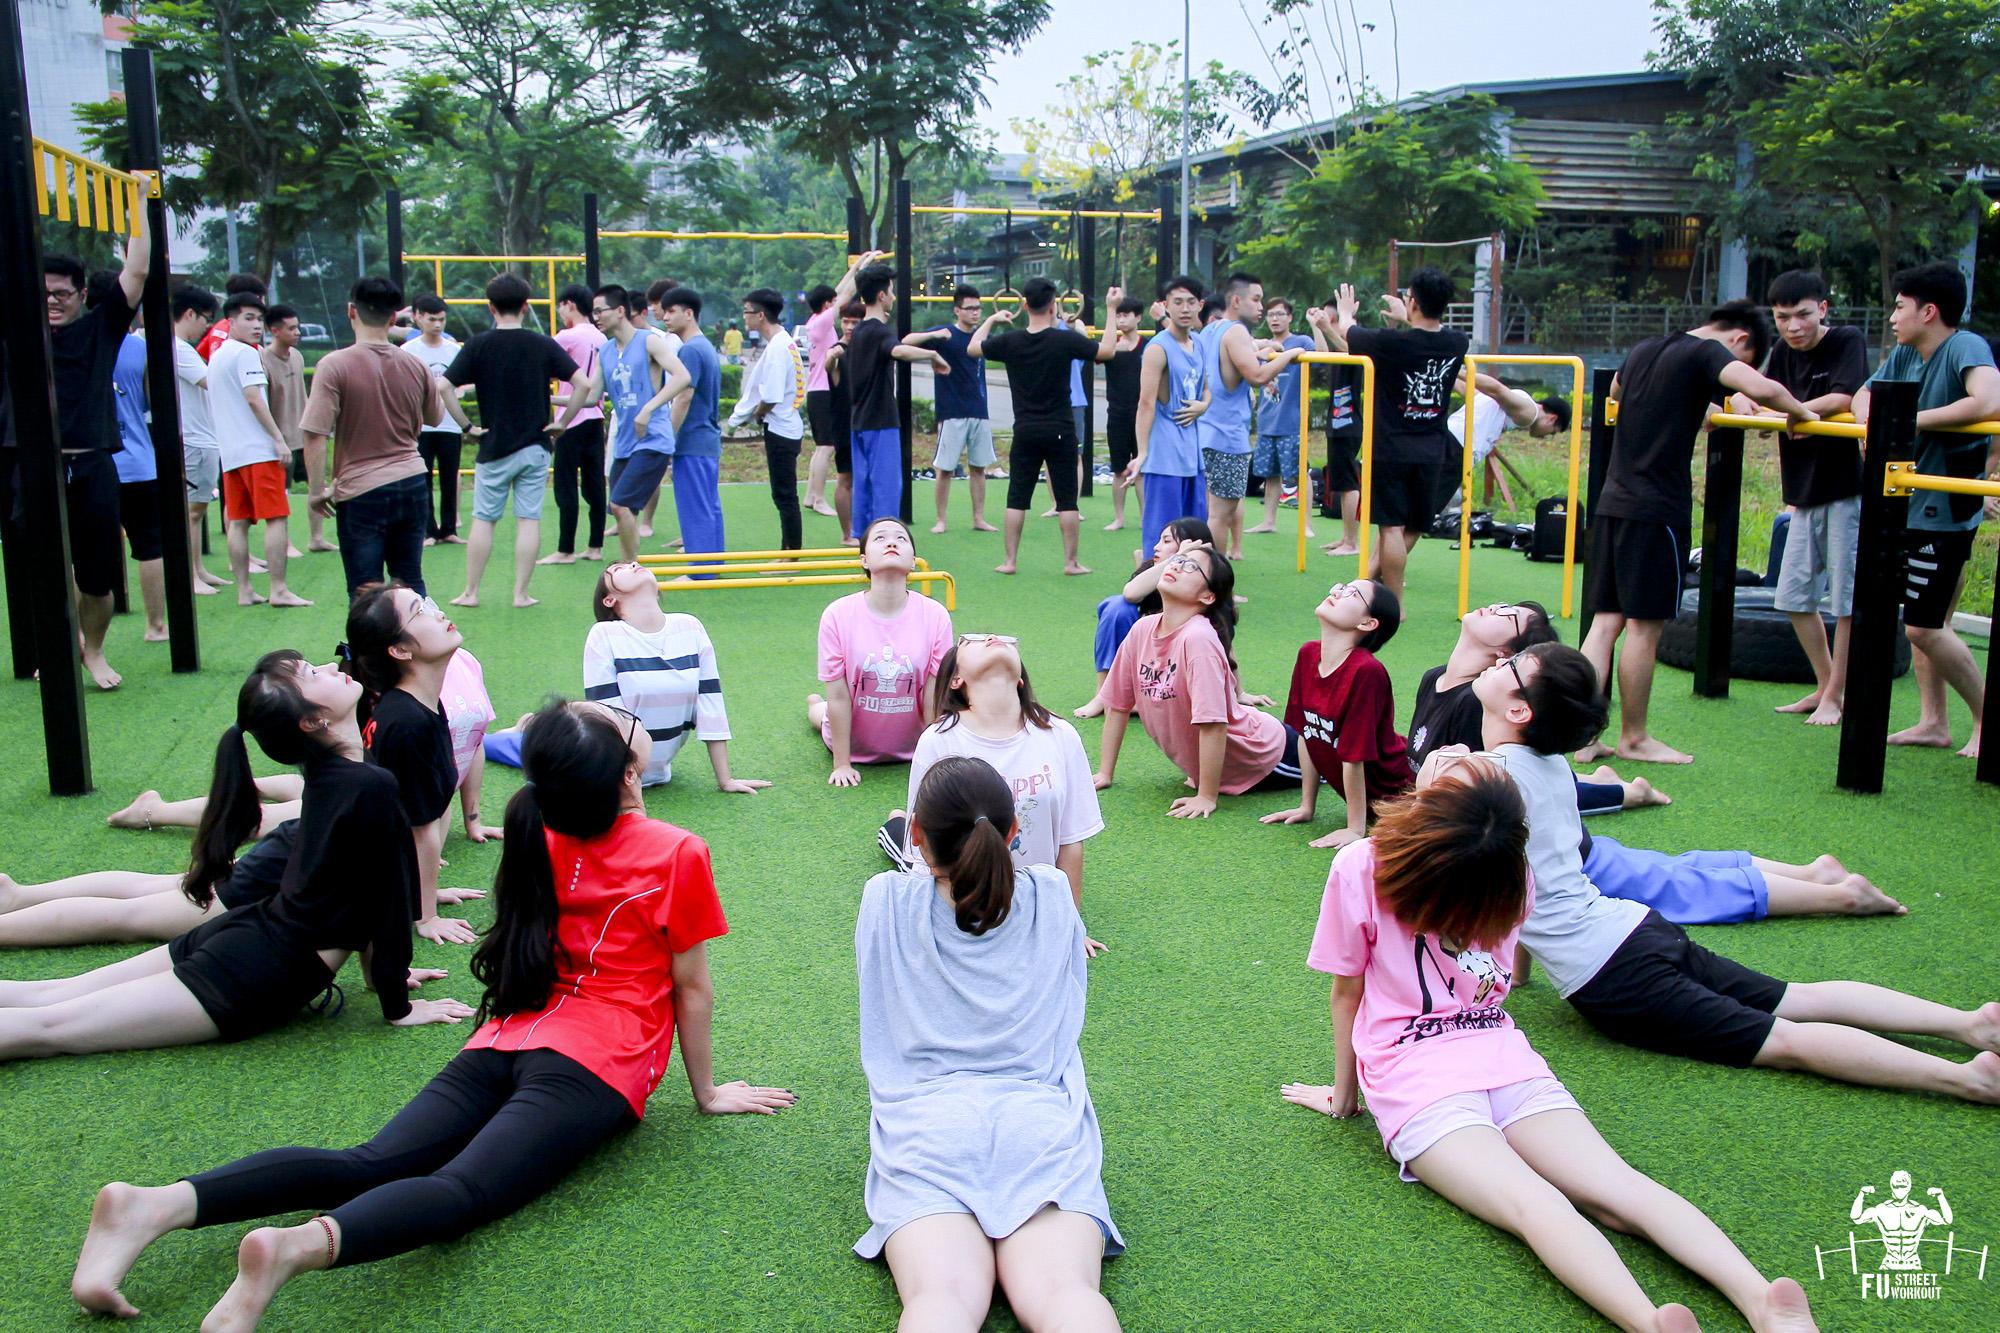 Theo Lê Trung Đức (sinh viên ngành Quản trị Kinh doanh, Chủ nhiệm CLB), FU Street Workout hiện có khoảng hơn 10 thành viên nữ tham gia tập luyện.